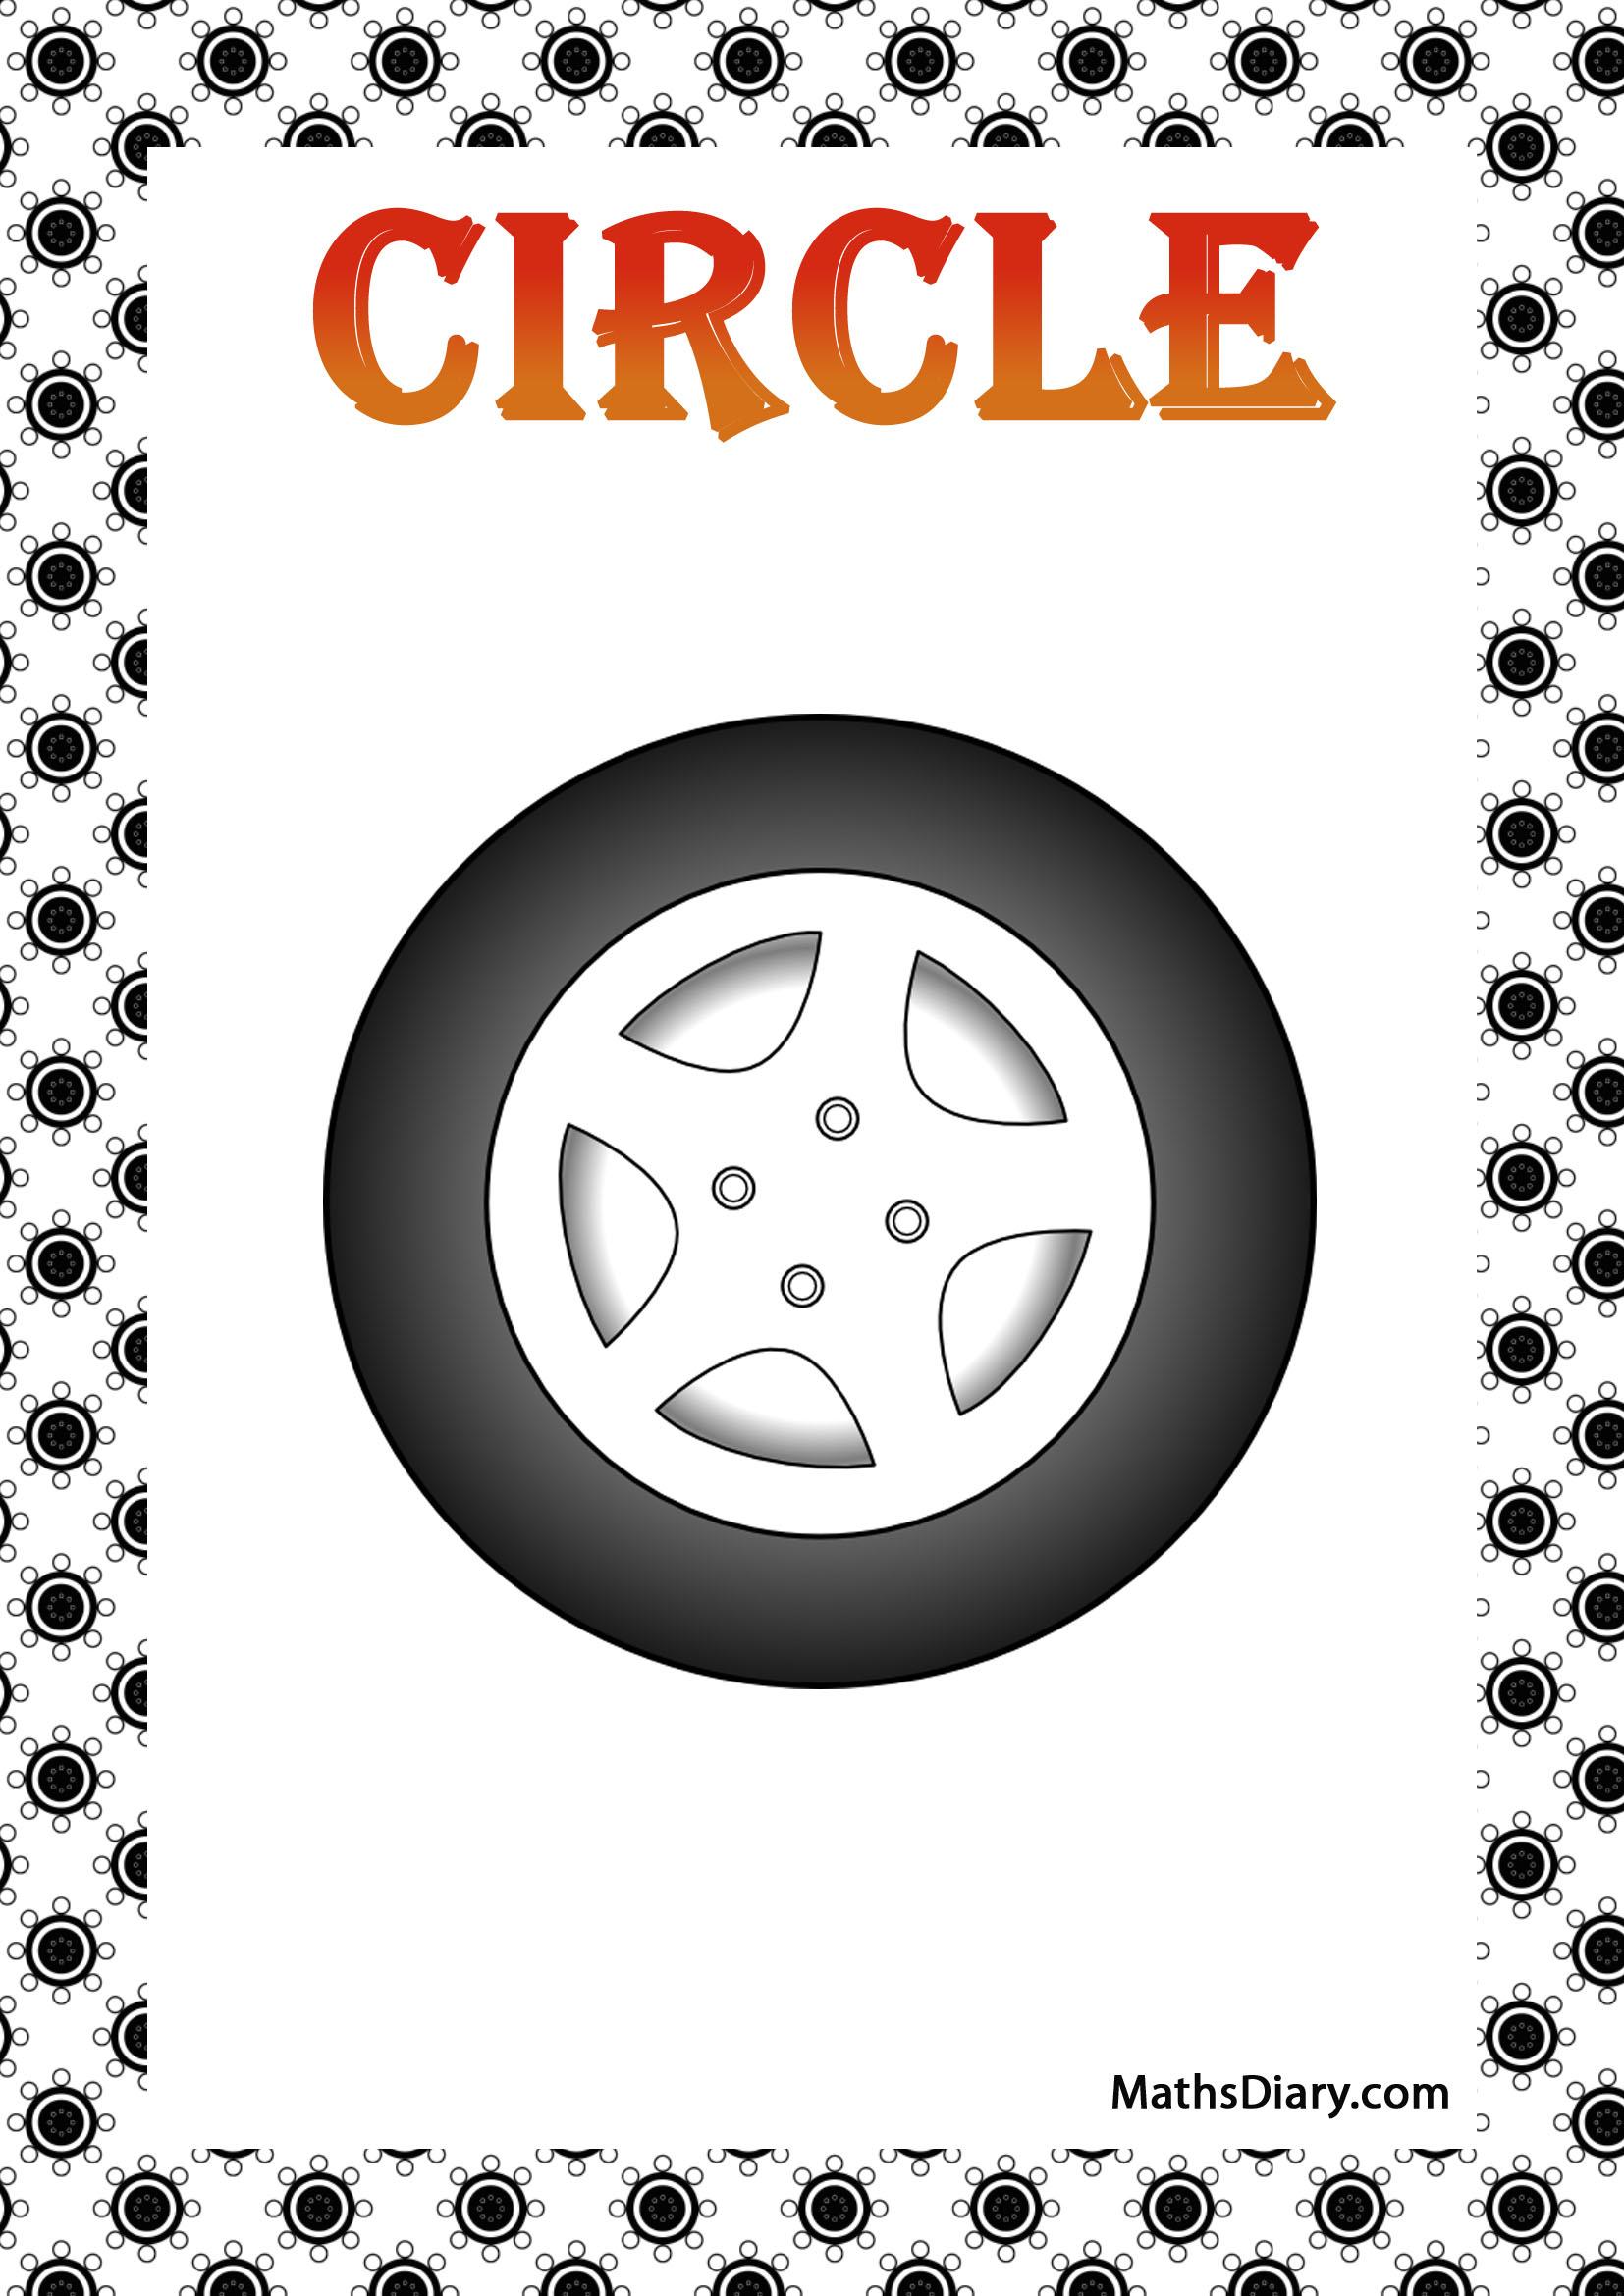 Identifying Circular Shapes Worksheet